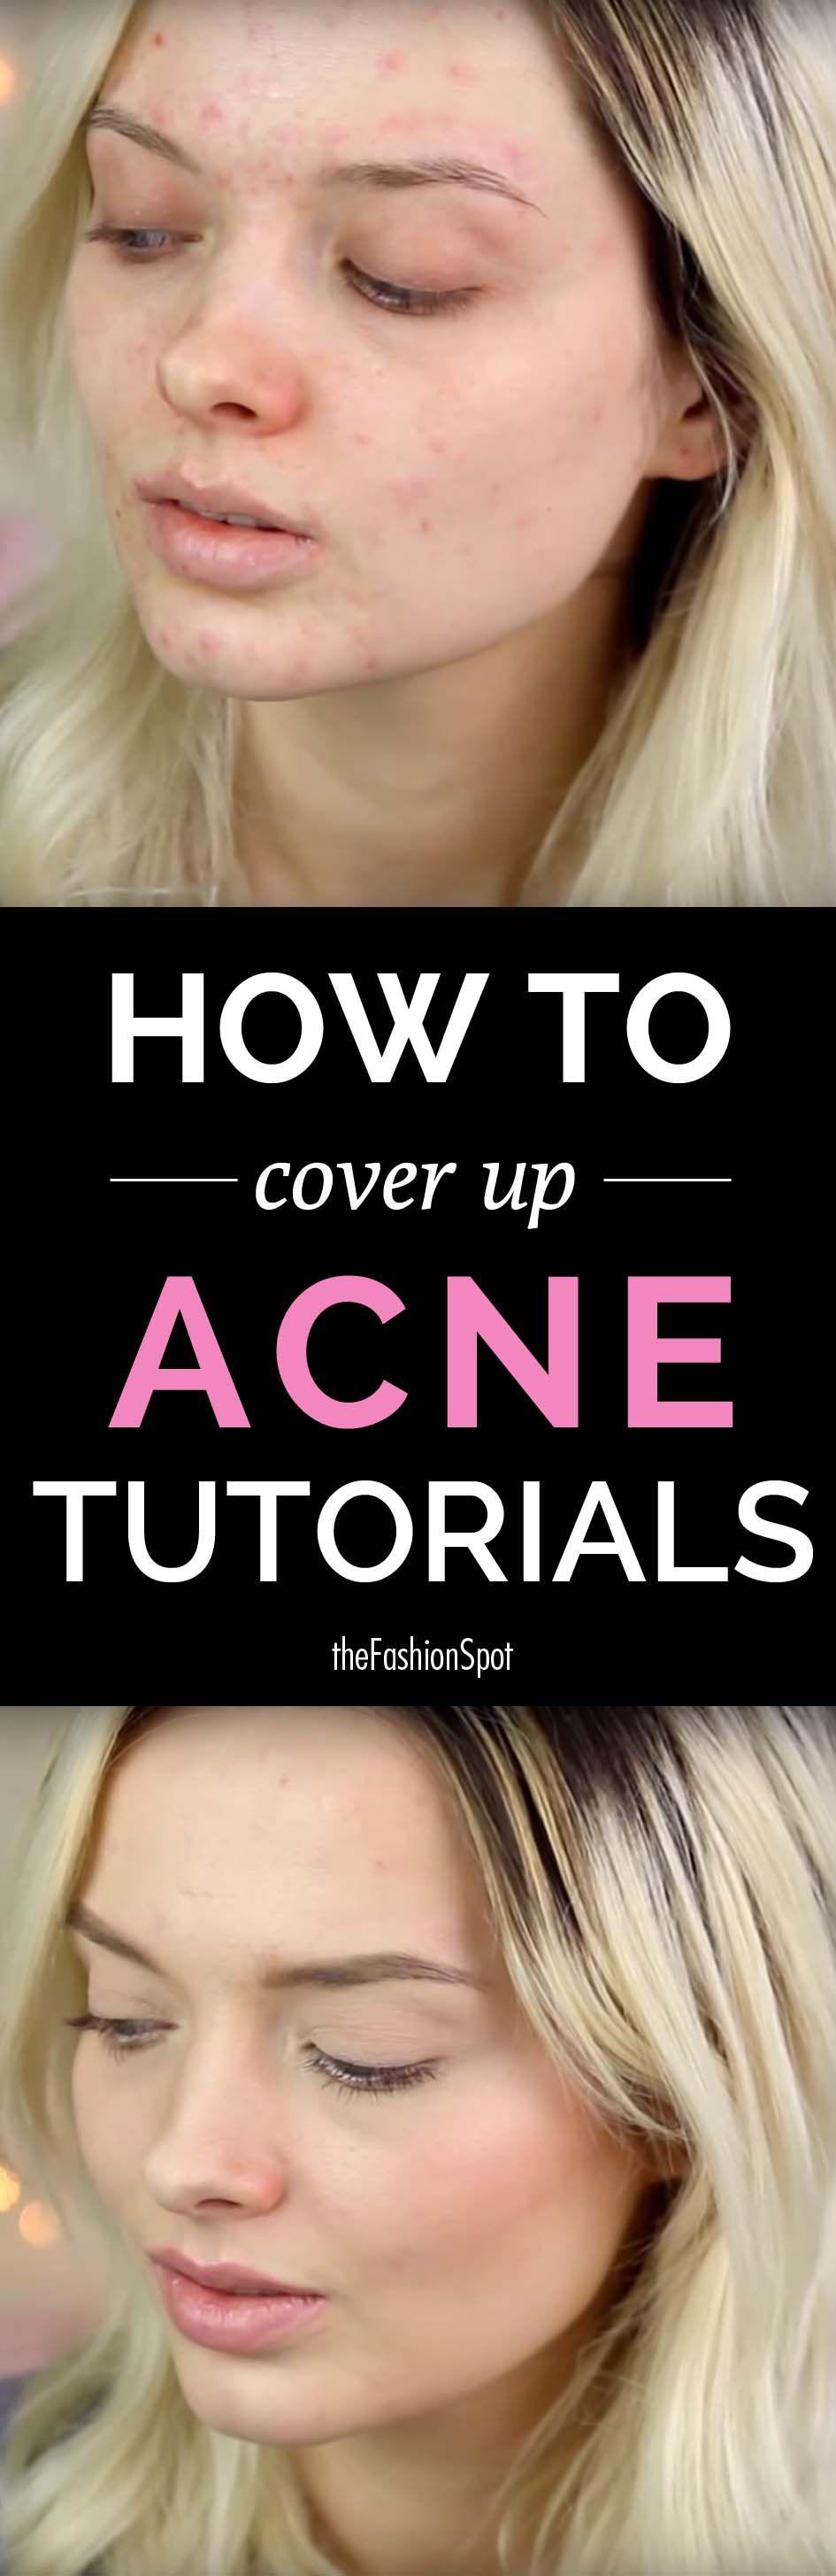 How to Cover Up Acne 7 LifeSaving Tutorials Acne